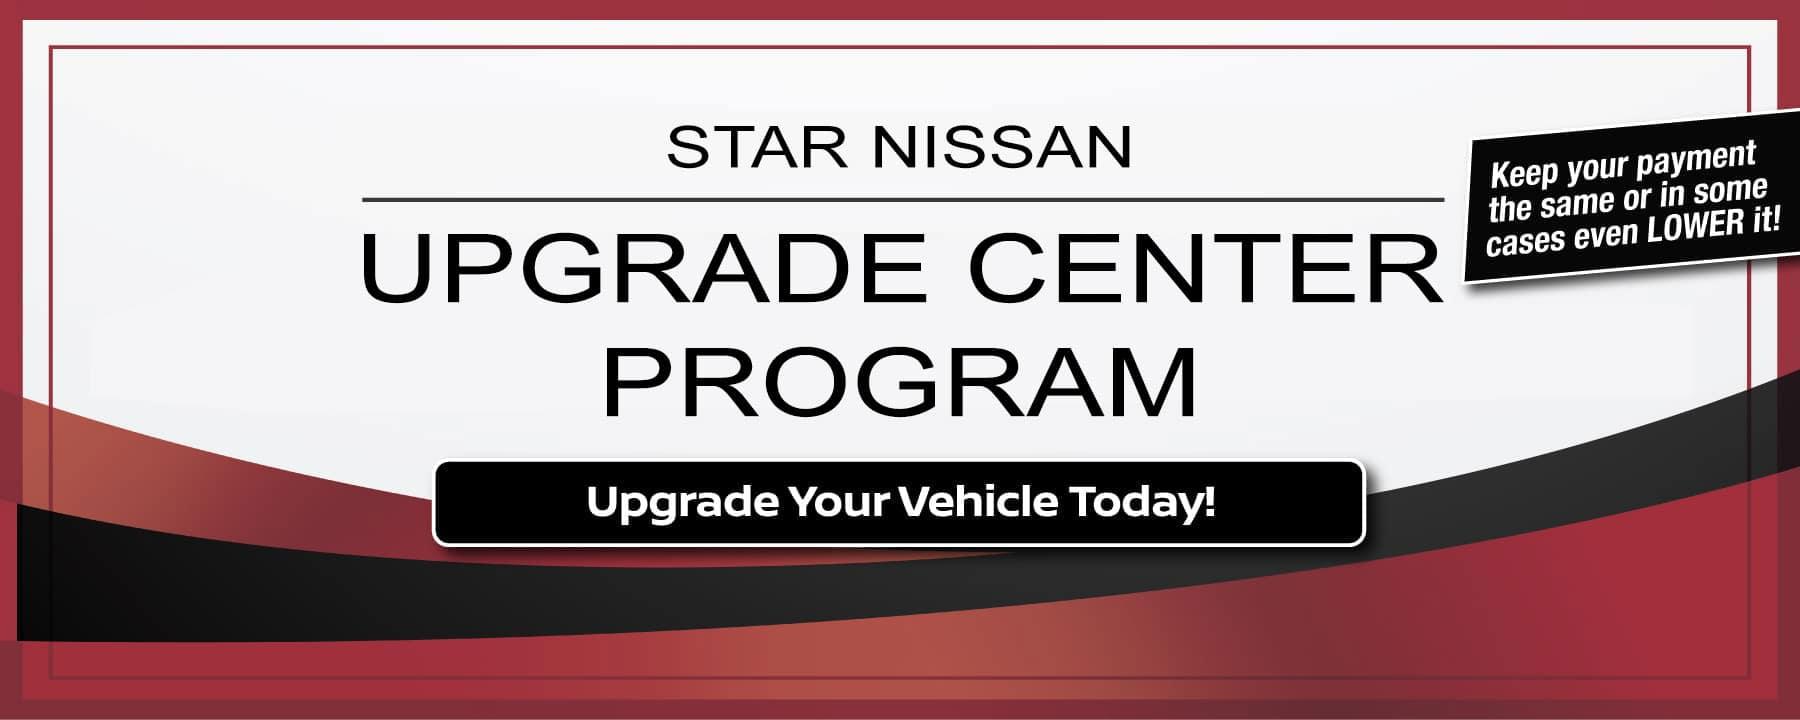 Upgrade Center at Star Nissan